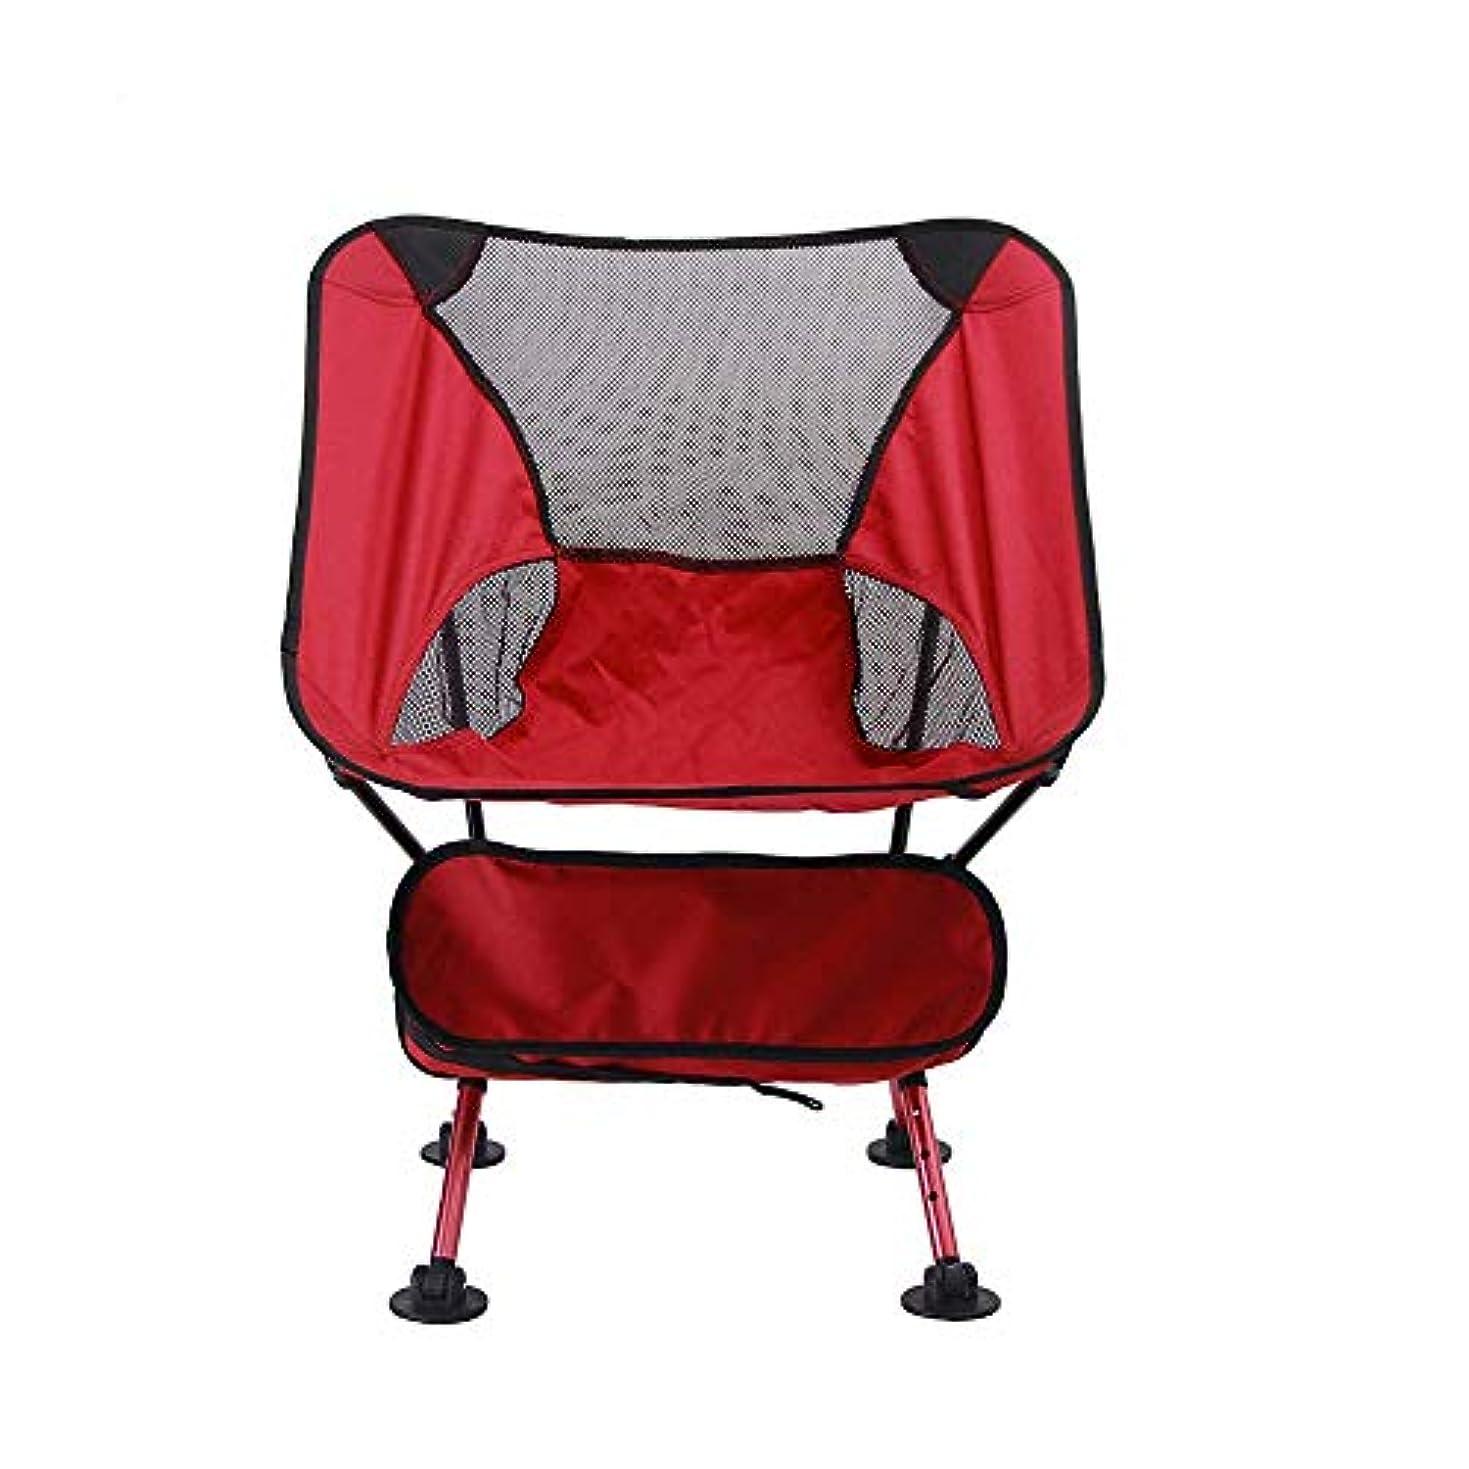 定義する小切手スズメバチ超軽量アルミ合金屋外ポータブル背もたれ釣り椅子、折り畳み式調節可能なビーチレジャームーンチェア、キャンプチェア、59×52×64センチ